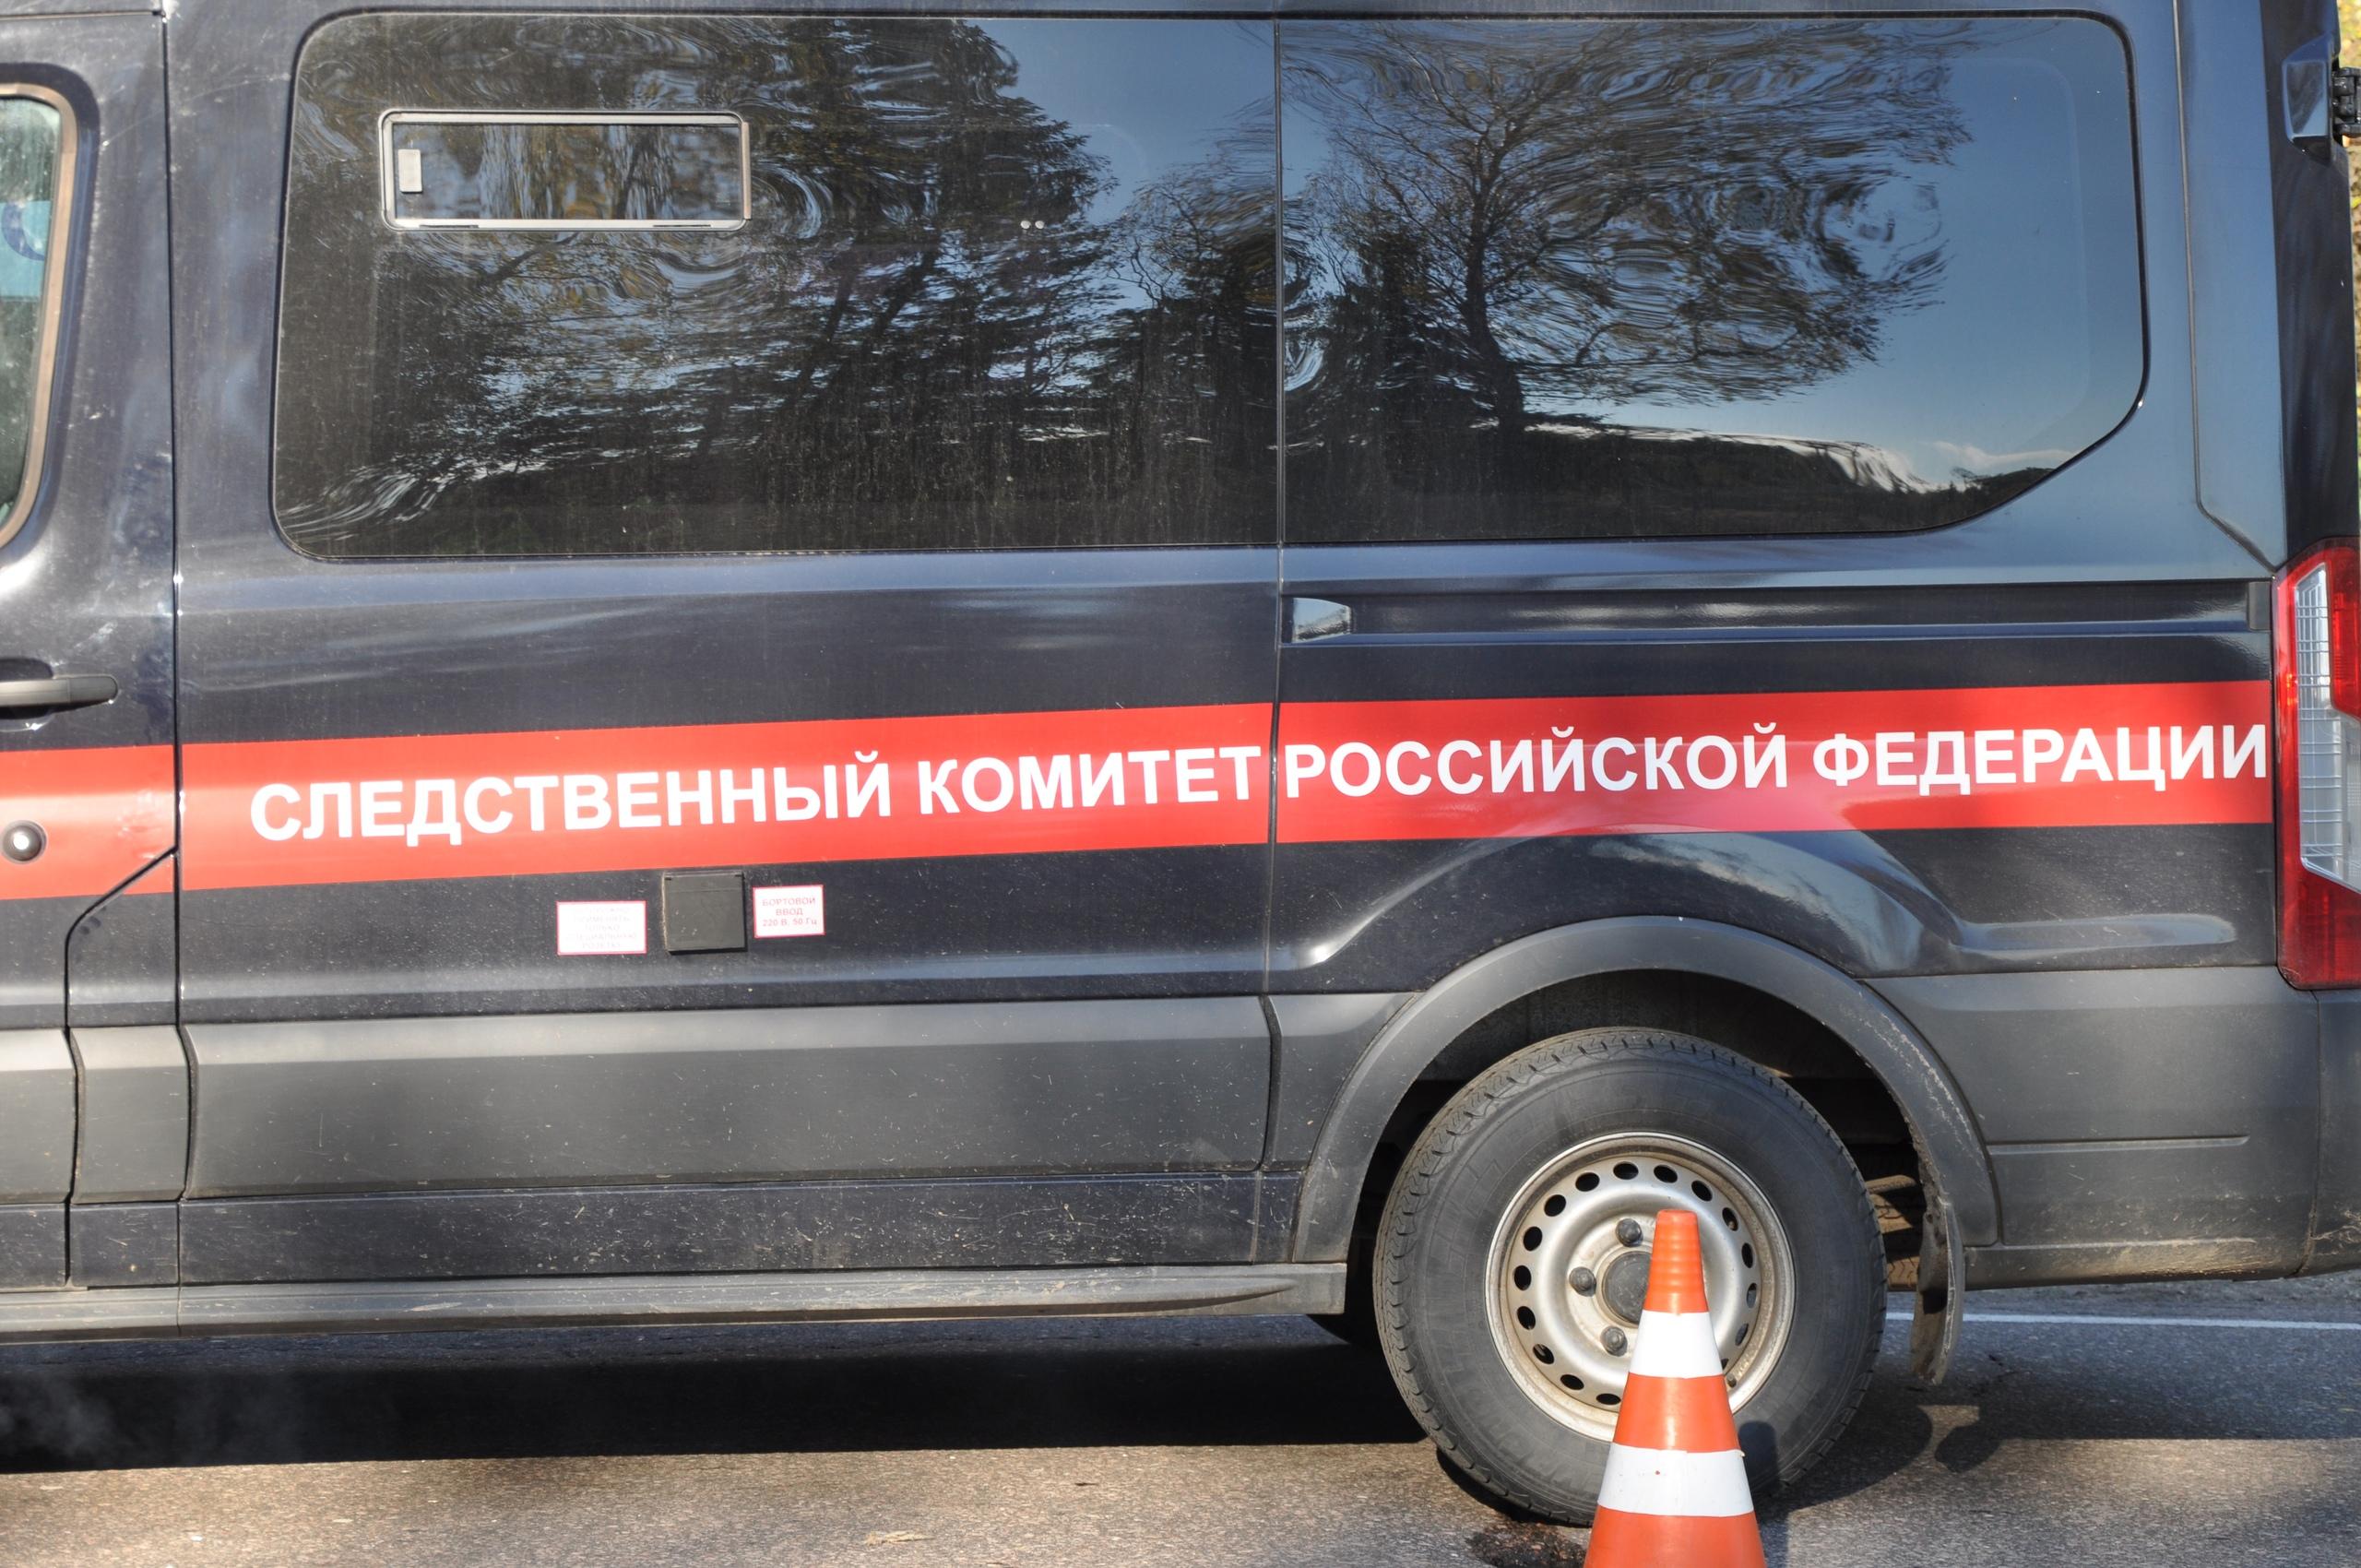 Жительница Тверской области во время ссоры зарезала мужчину - новости Афанасий